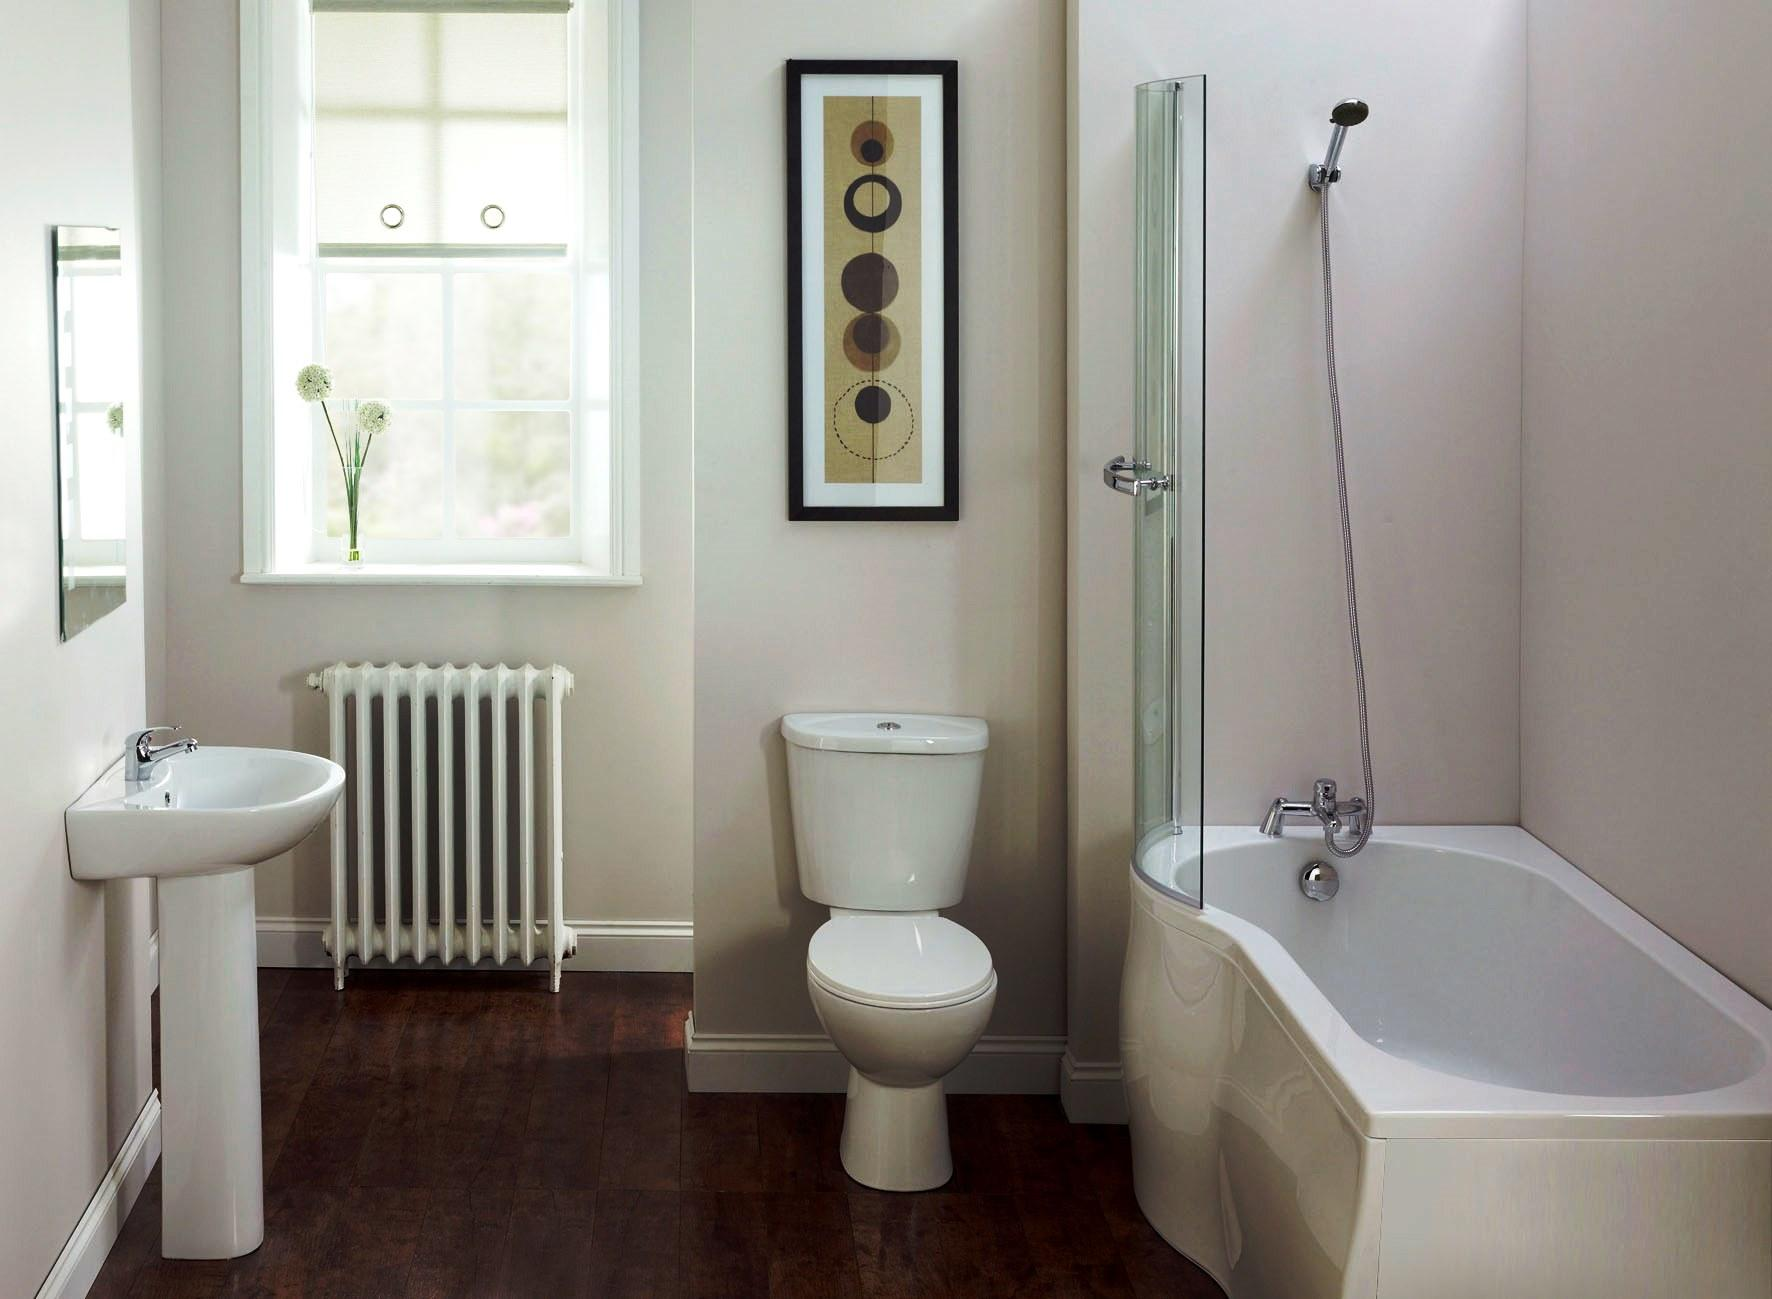 La estética y funcionalidad de los cuartos de baño están pensadas para proporcionarle el máximo confort. Para que un cuarto de baño sea funcionalmente excelente es necesario equiparlo con aislamientos, impermeabilizaciones, sistemas de ventilación, acabados y revestimientos adecuados.